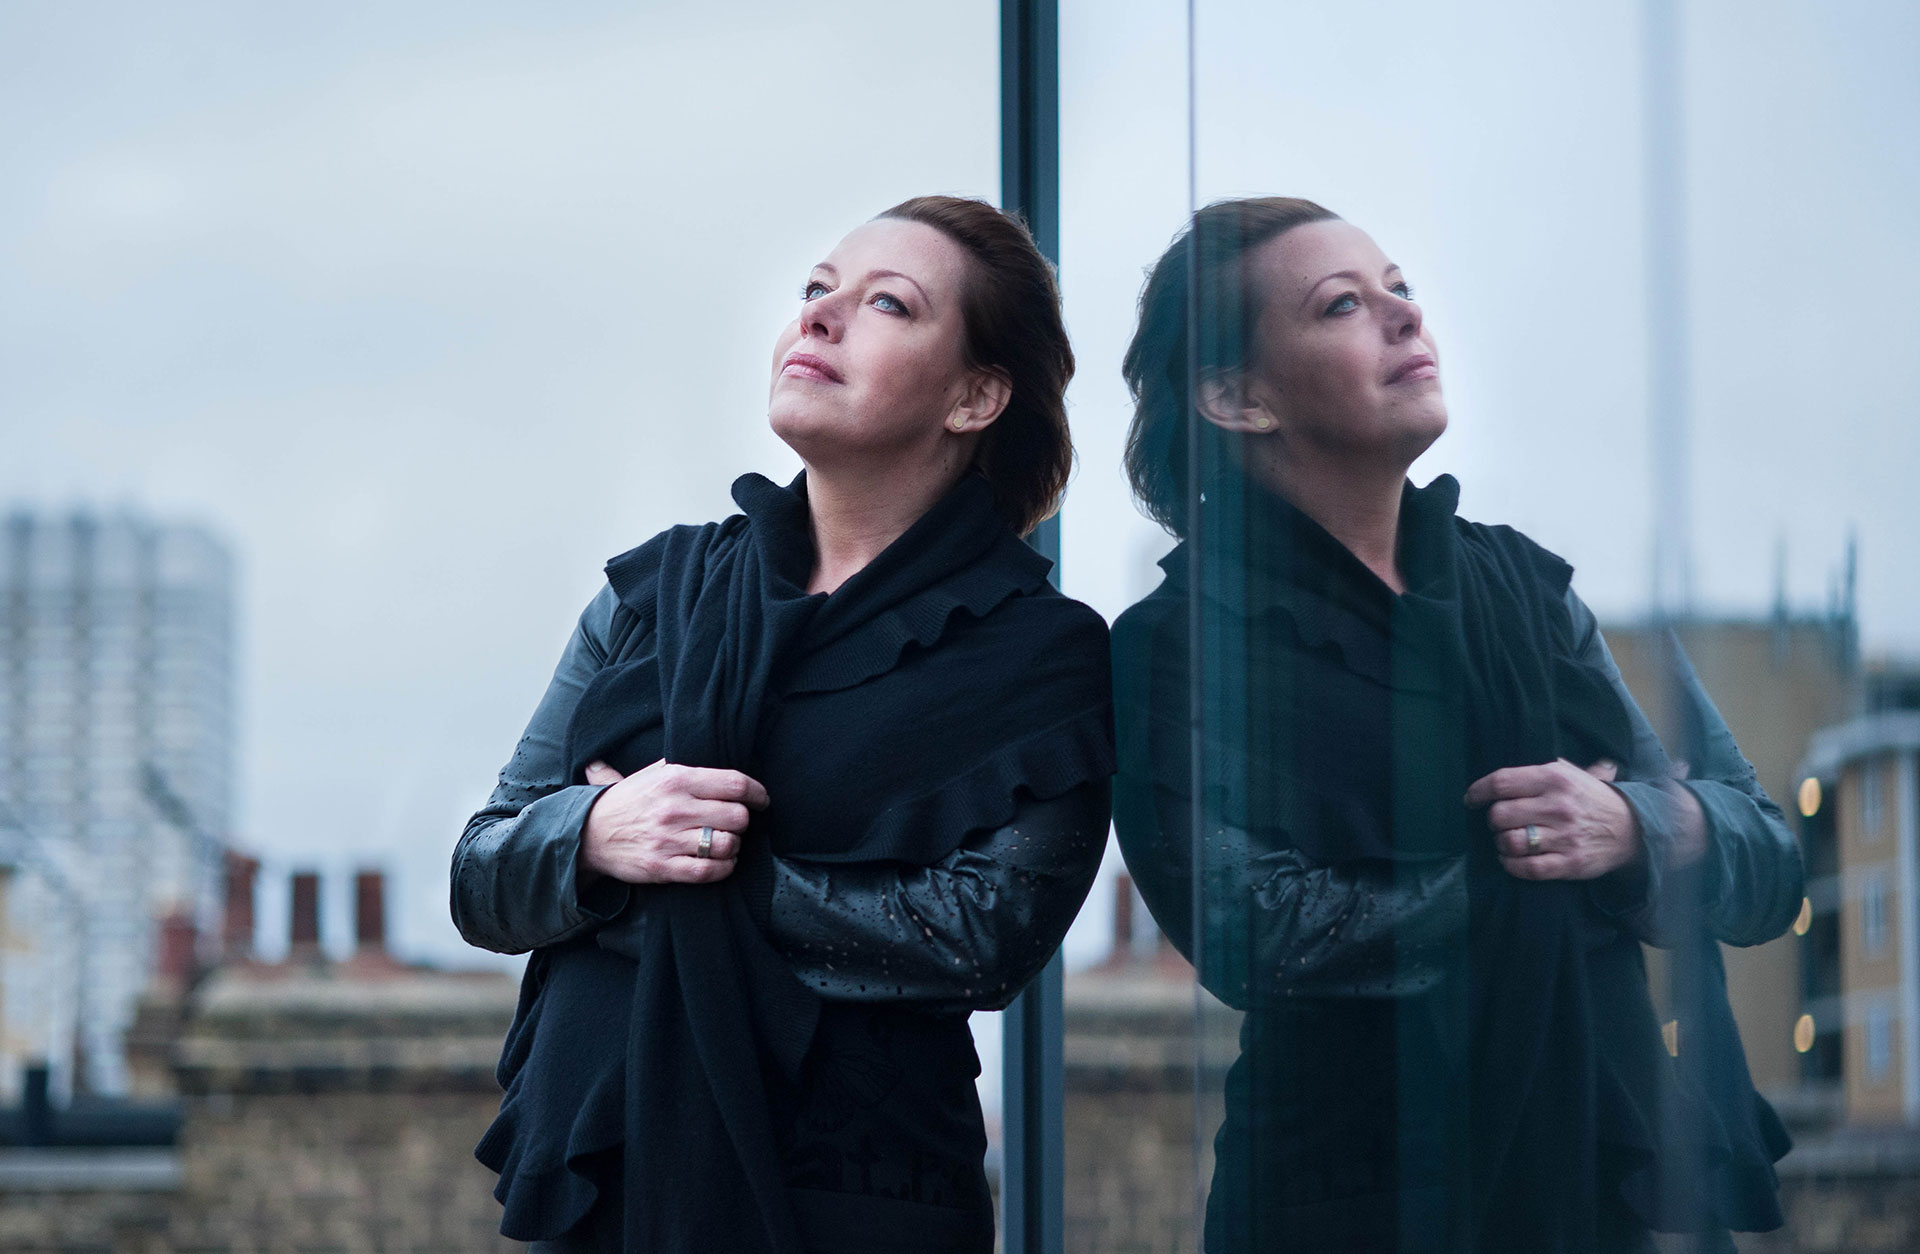 Nina Stemme står lutad mot ett fönster, utomhus. Hennes spegelbild reflekteras i fönstret.